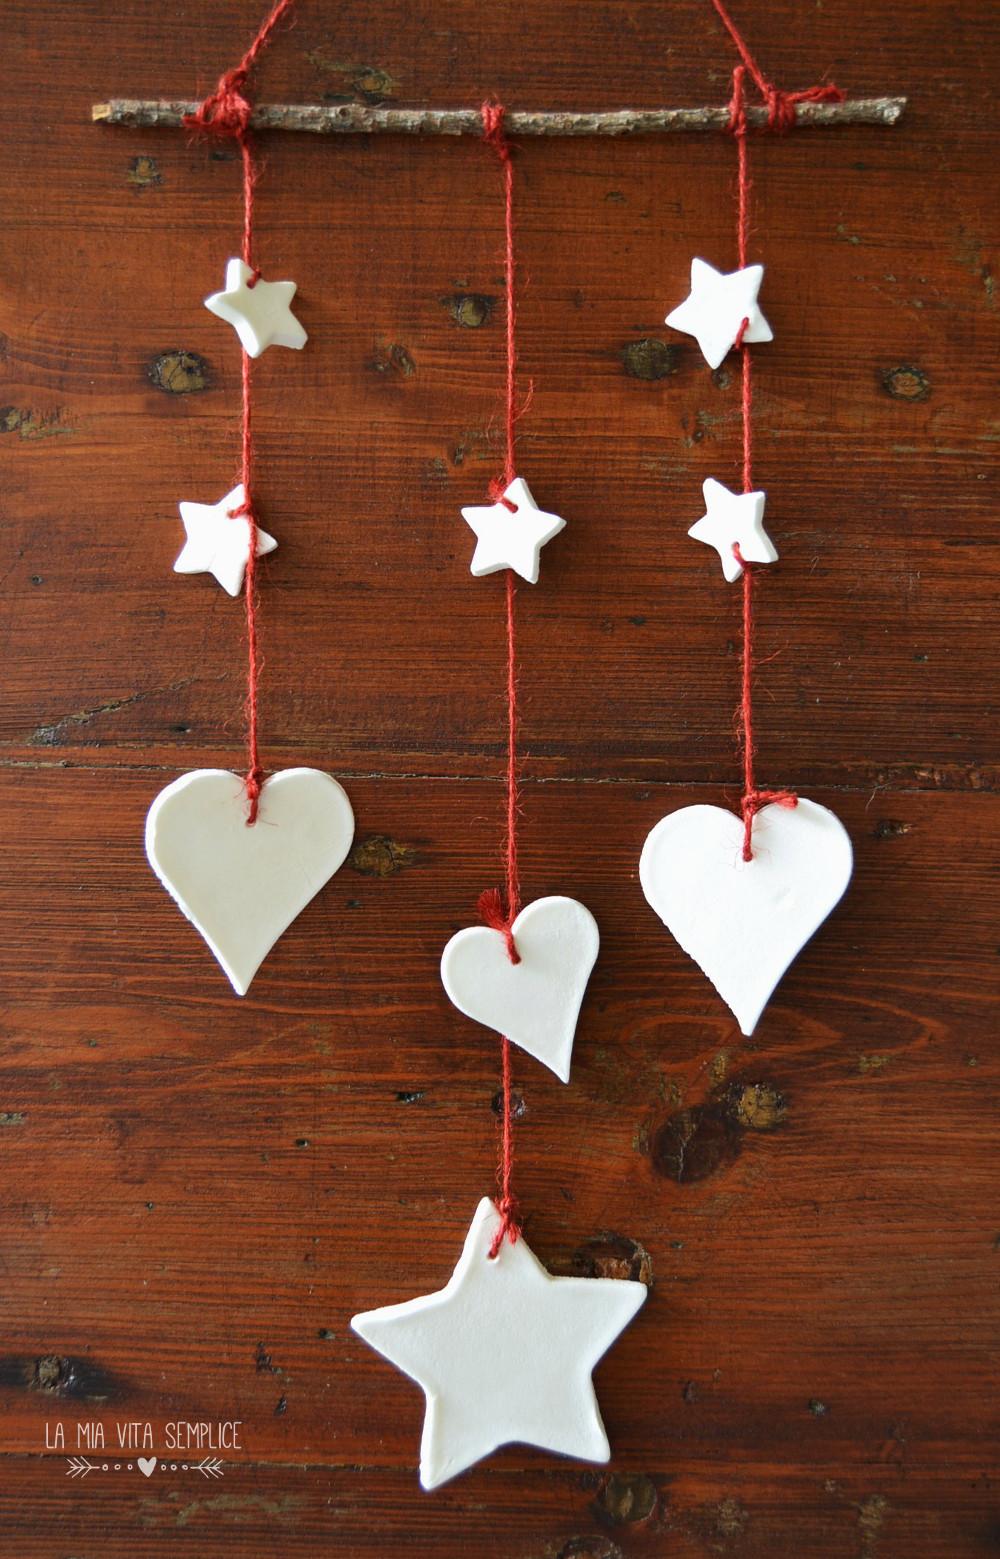 Decorazioni natalizie con pasta al bicarbonato babygreen - Decorazioni natalizie legno fai da te ...